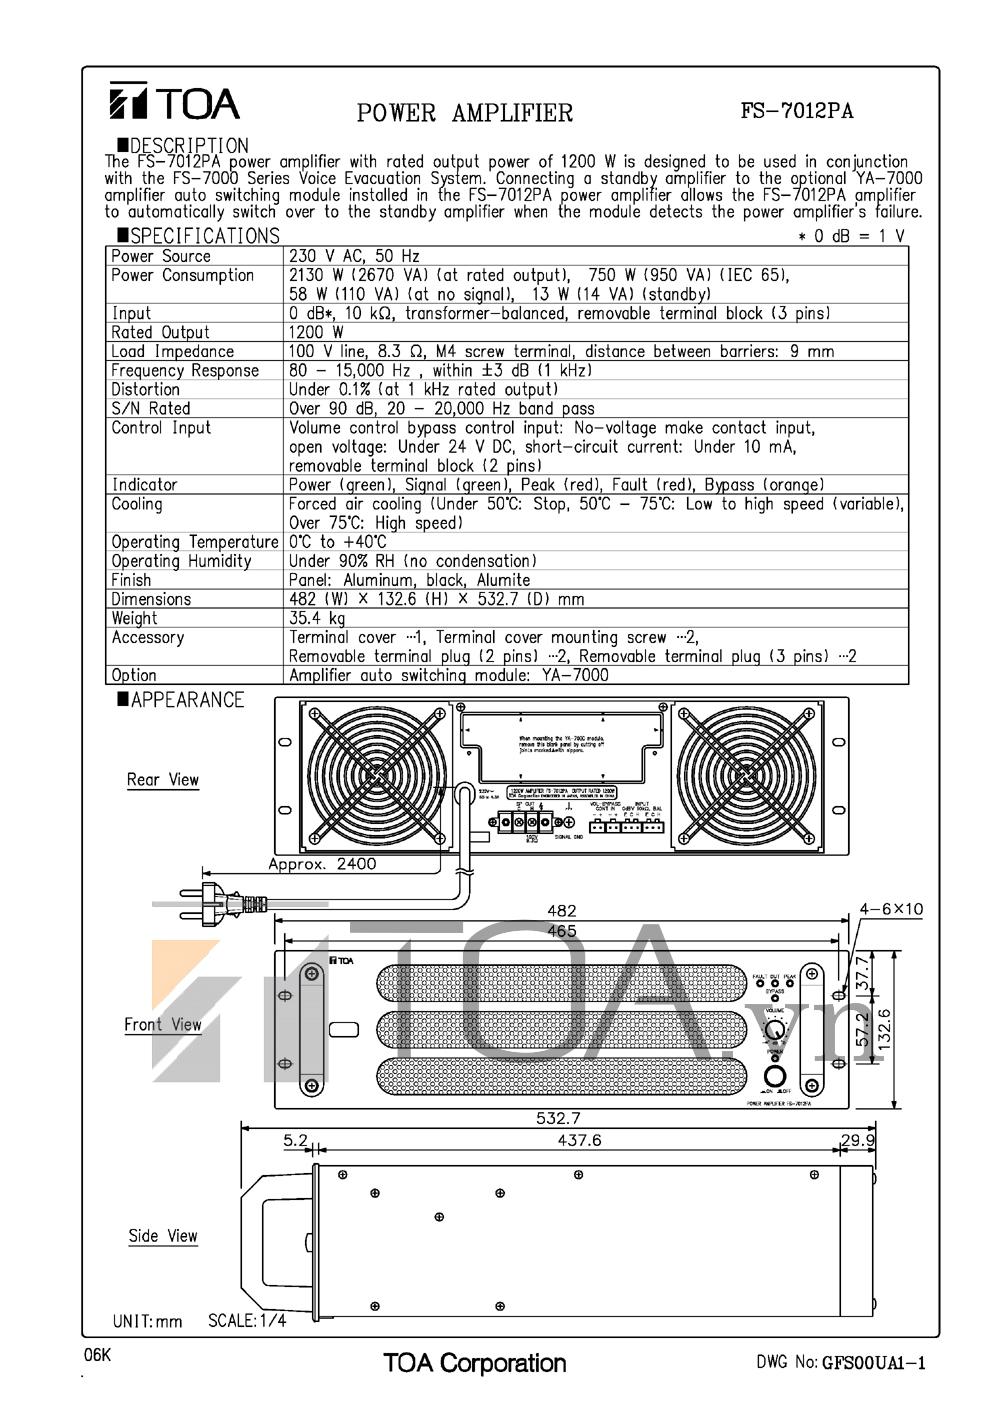 APLY CÔNG SUẤT TOA FS-7012PA, AMPLI CONG SUAT TOA FS-7012PA, TOA FS-7012PA